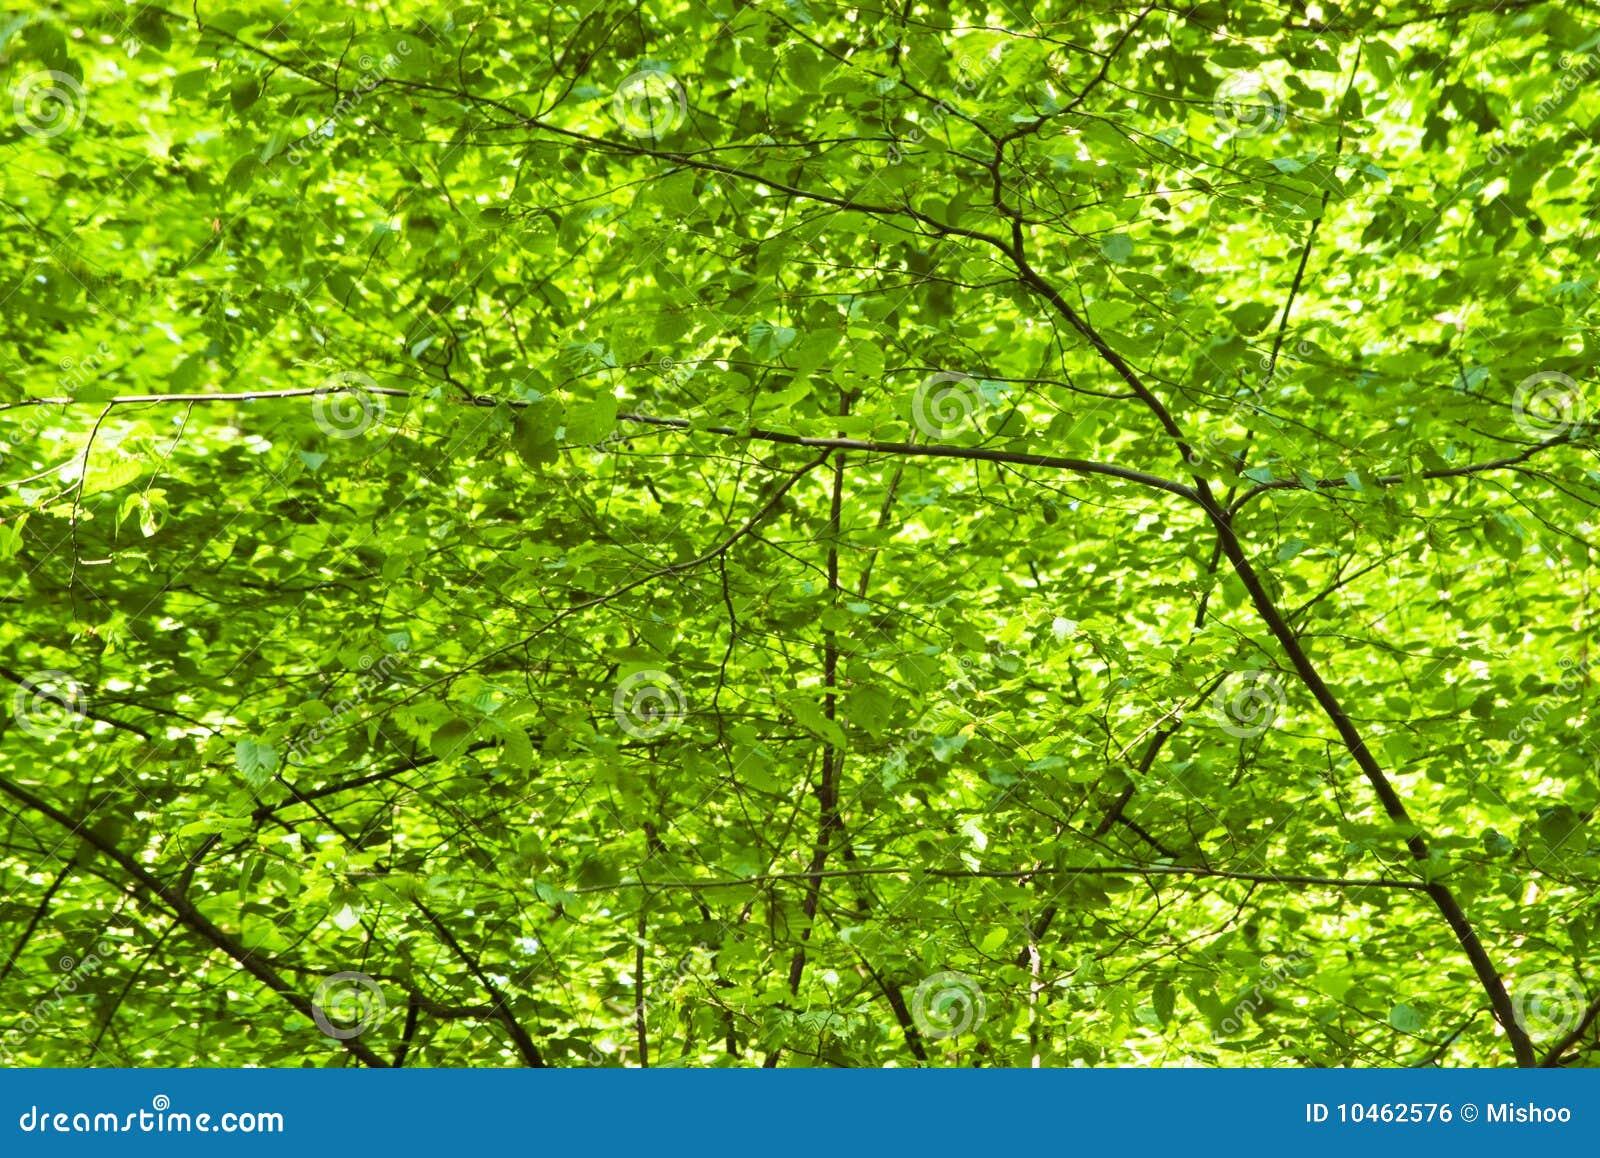 Green Foliage Background Royalty Free Stock Image - Image: 10462576